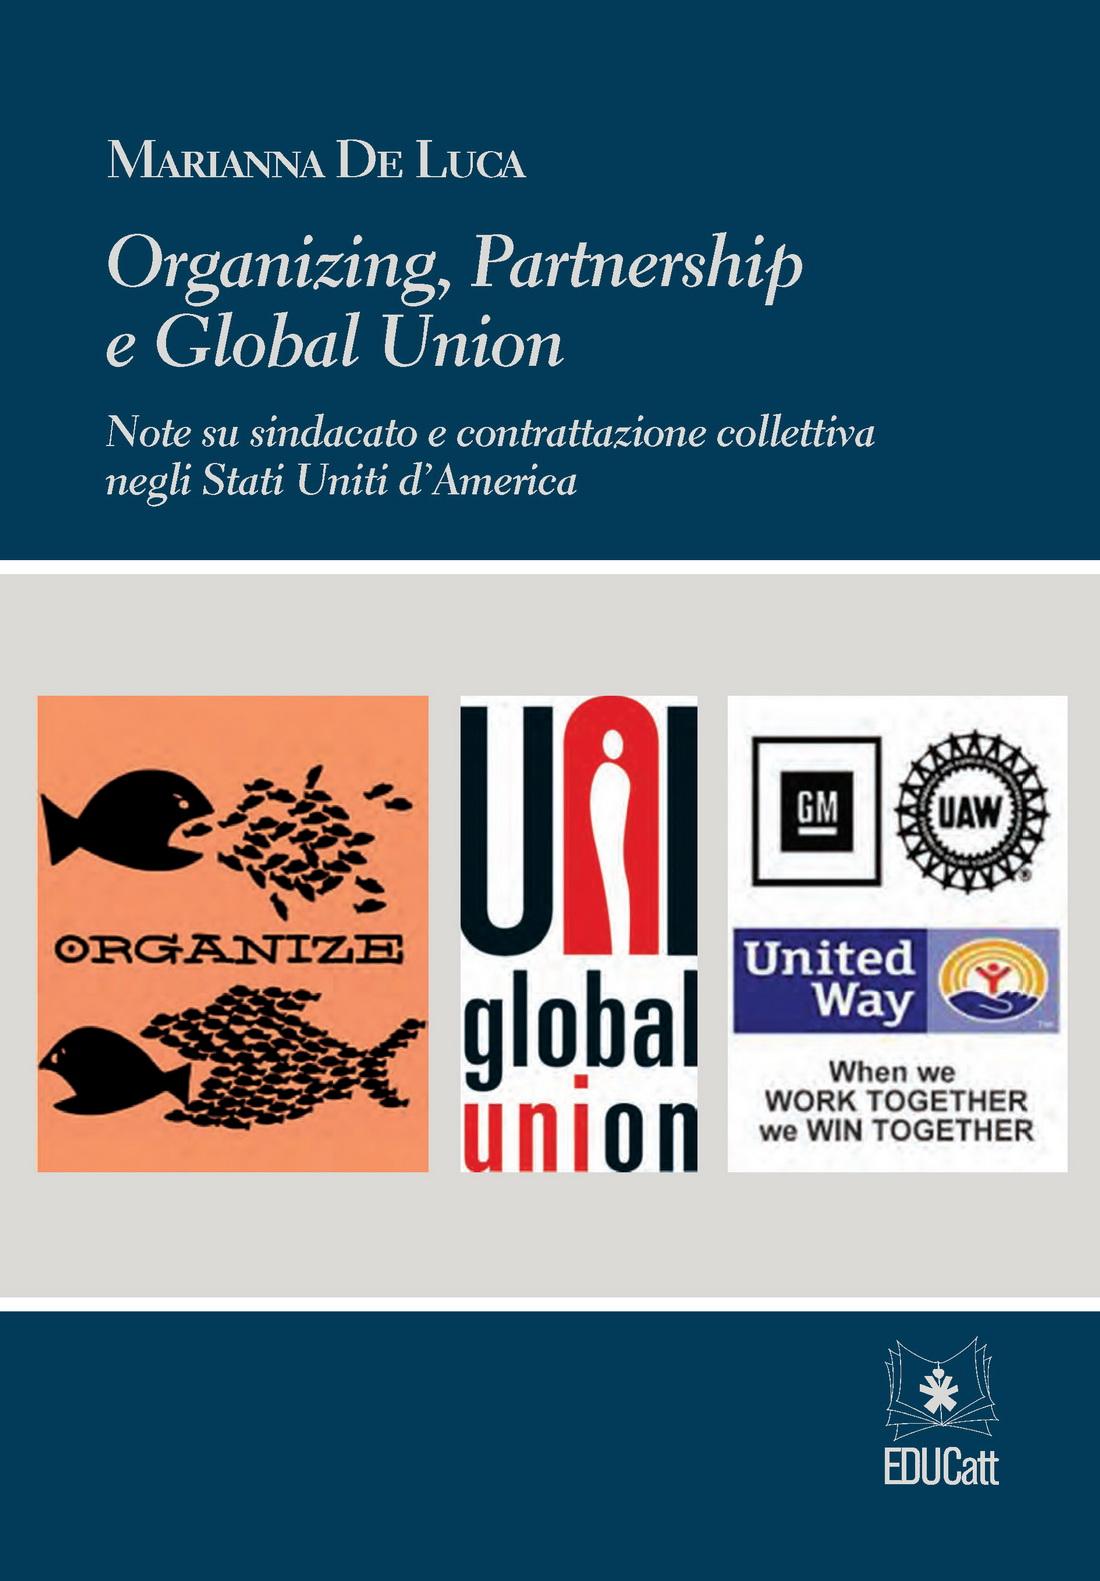 ORGANIZING, PARTNERSHIP E GLOBAL UNION